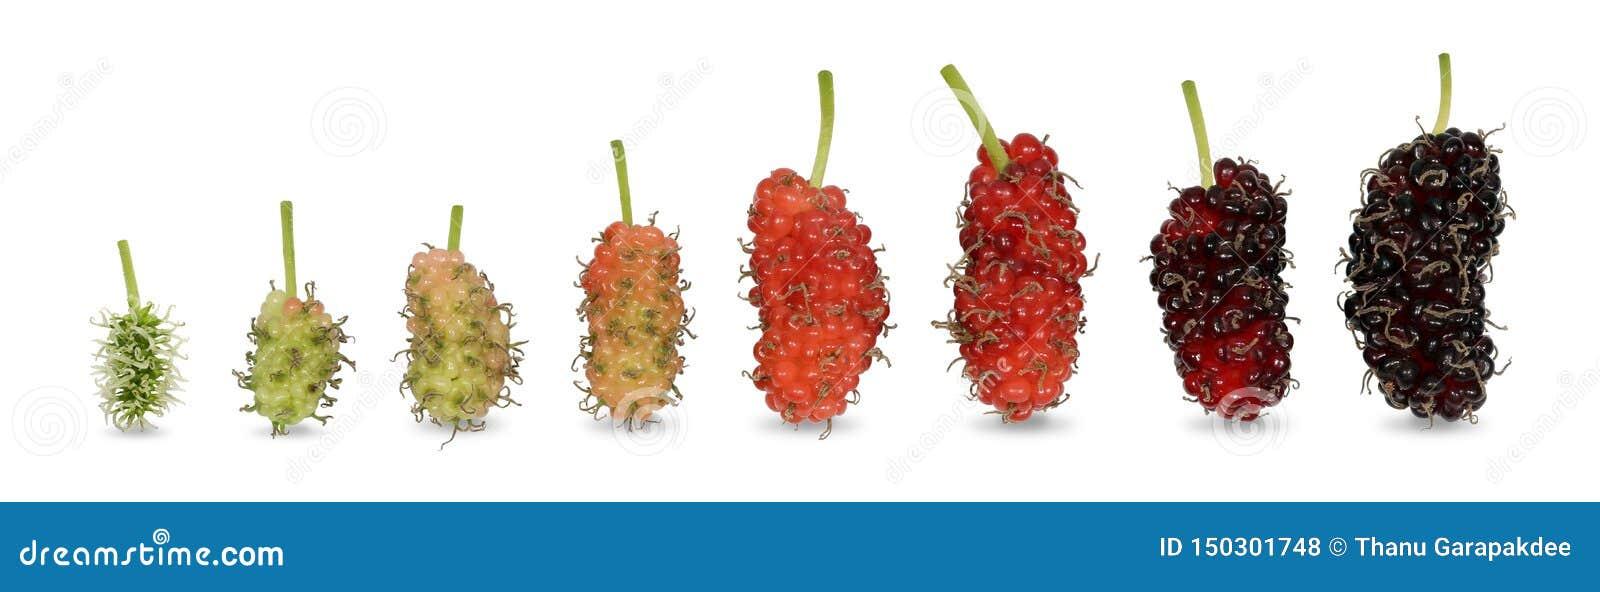 Τα φρούτα μουριών από το ανοικτό πράσινο χρώμα μωρών μέχρι είναι ώριμο σκούρο κόκκινο χρώμα